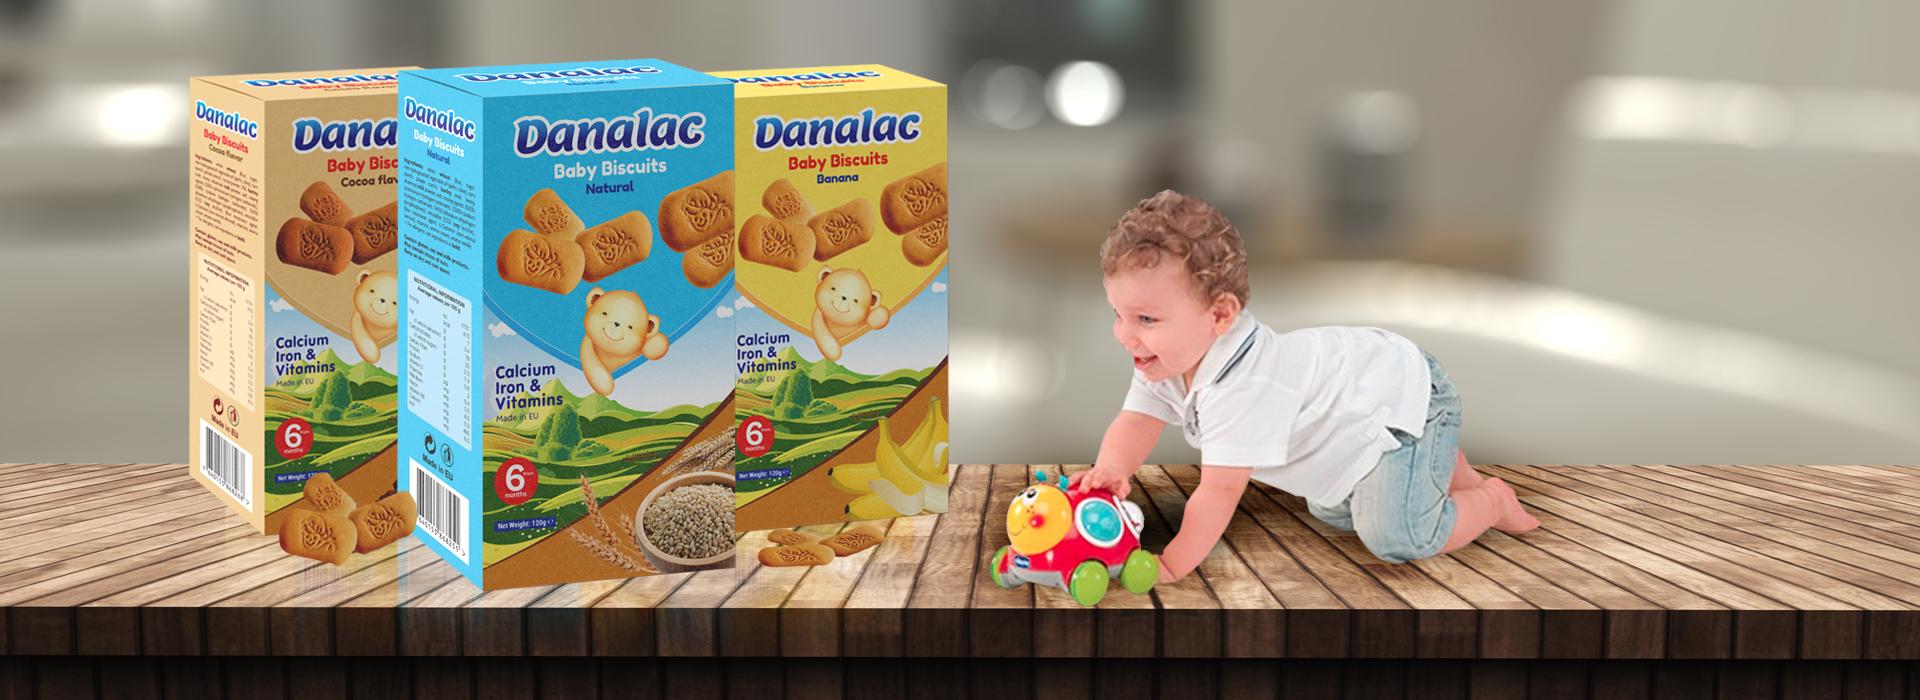 Danalac-Banner-3